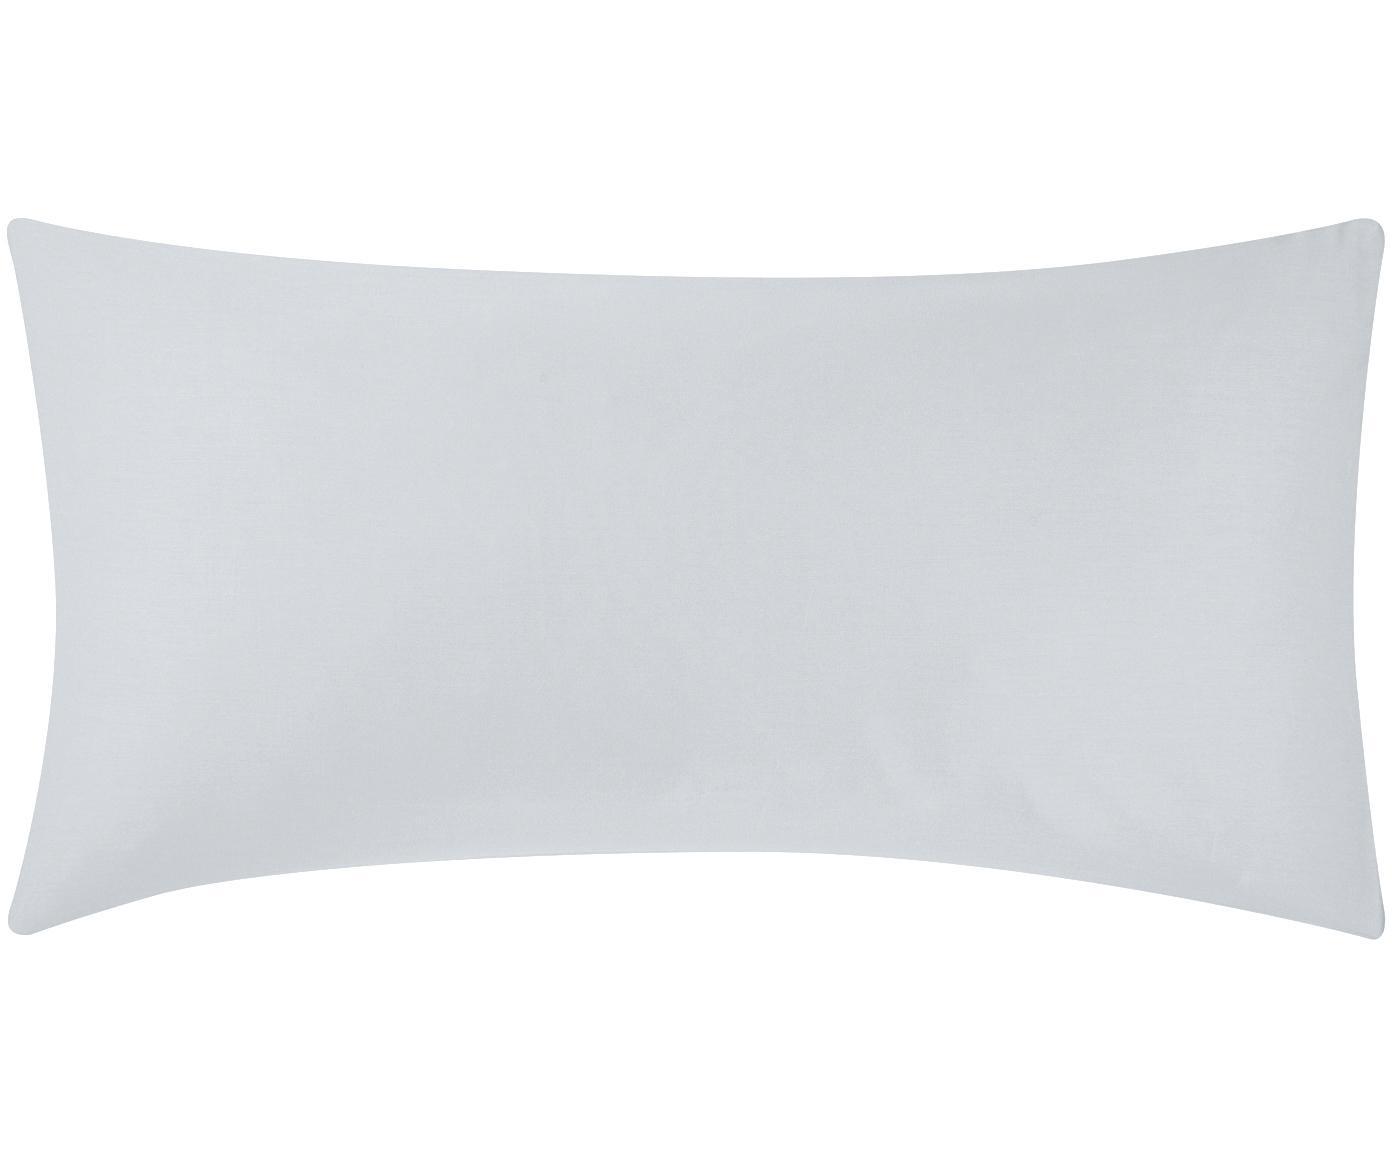 Poszewka na poduszkę z satyny bawełnianej Comfort, 2 szt., Jasny szary, S 40 x D 80 cm